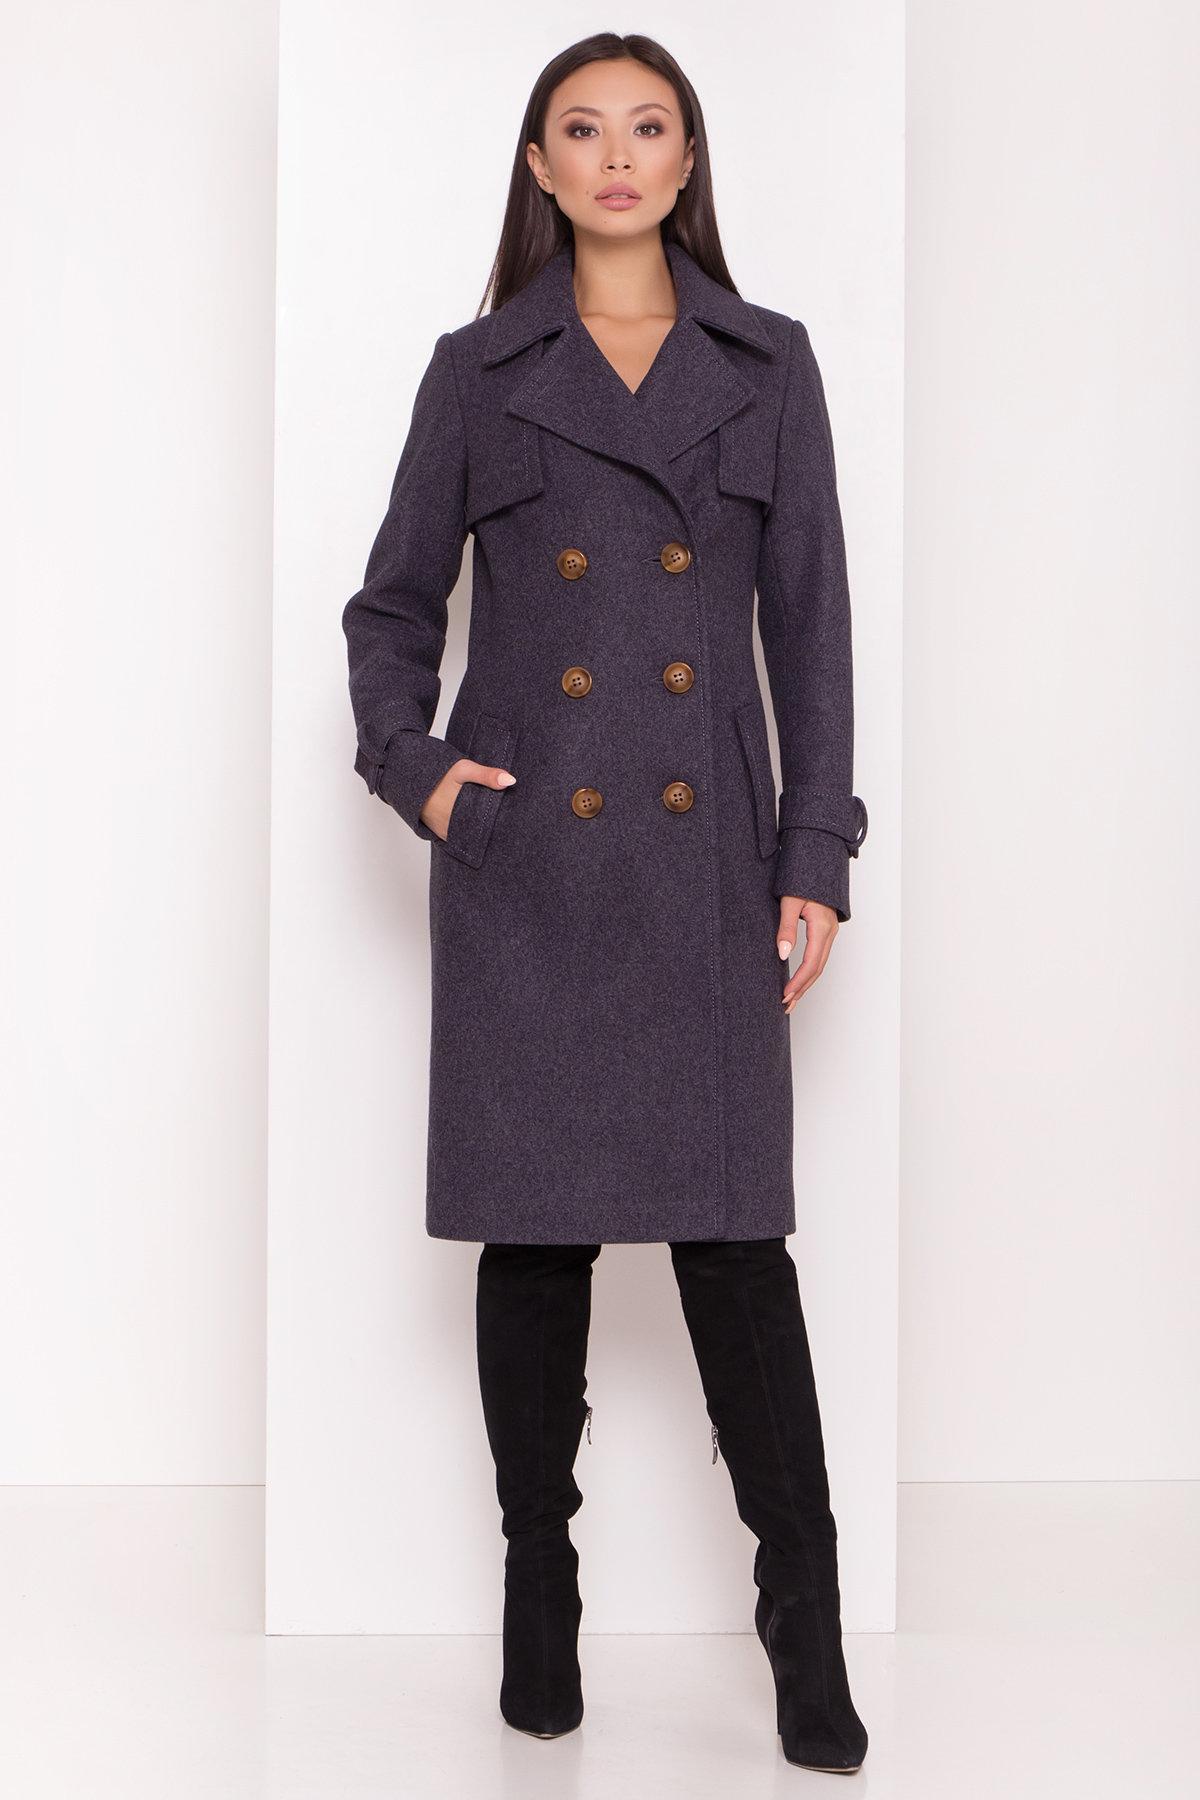 Двубортное пальто демисезон Монте 8089 АРТ. 44032 Цвет: т. синий 543 - фото 4, интернет магазин tm-modus.ru